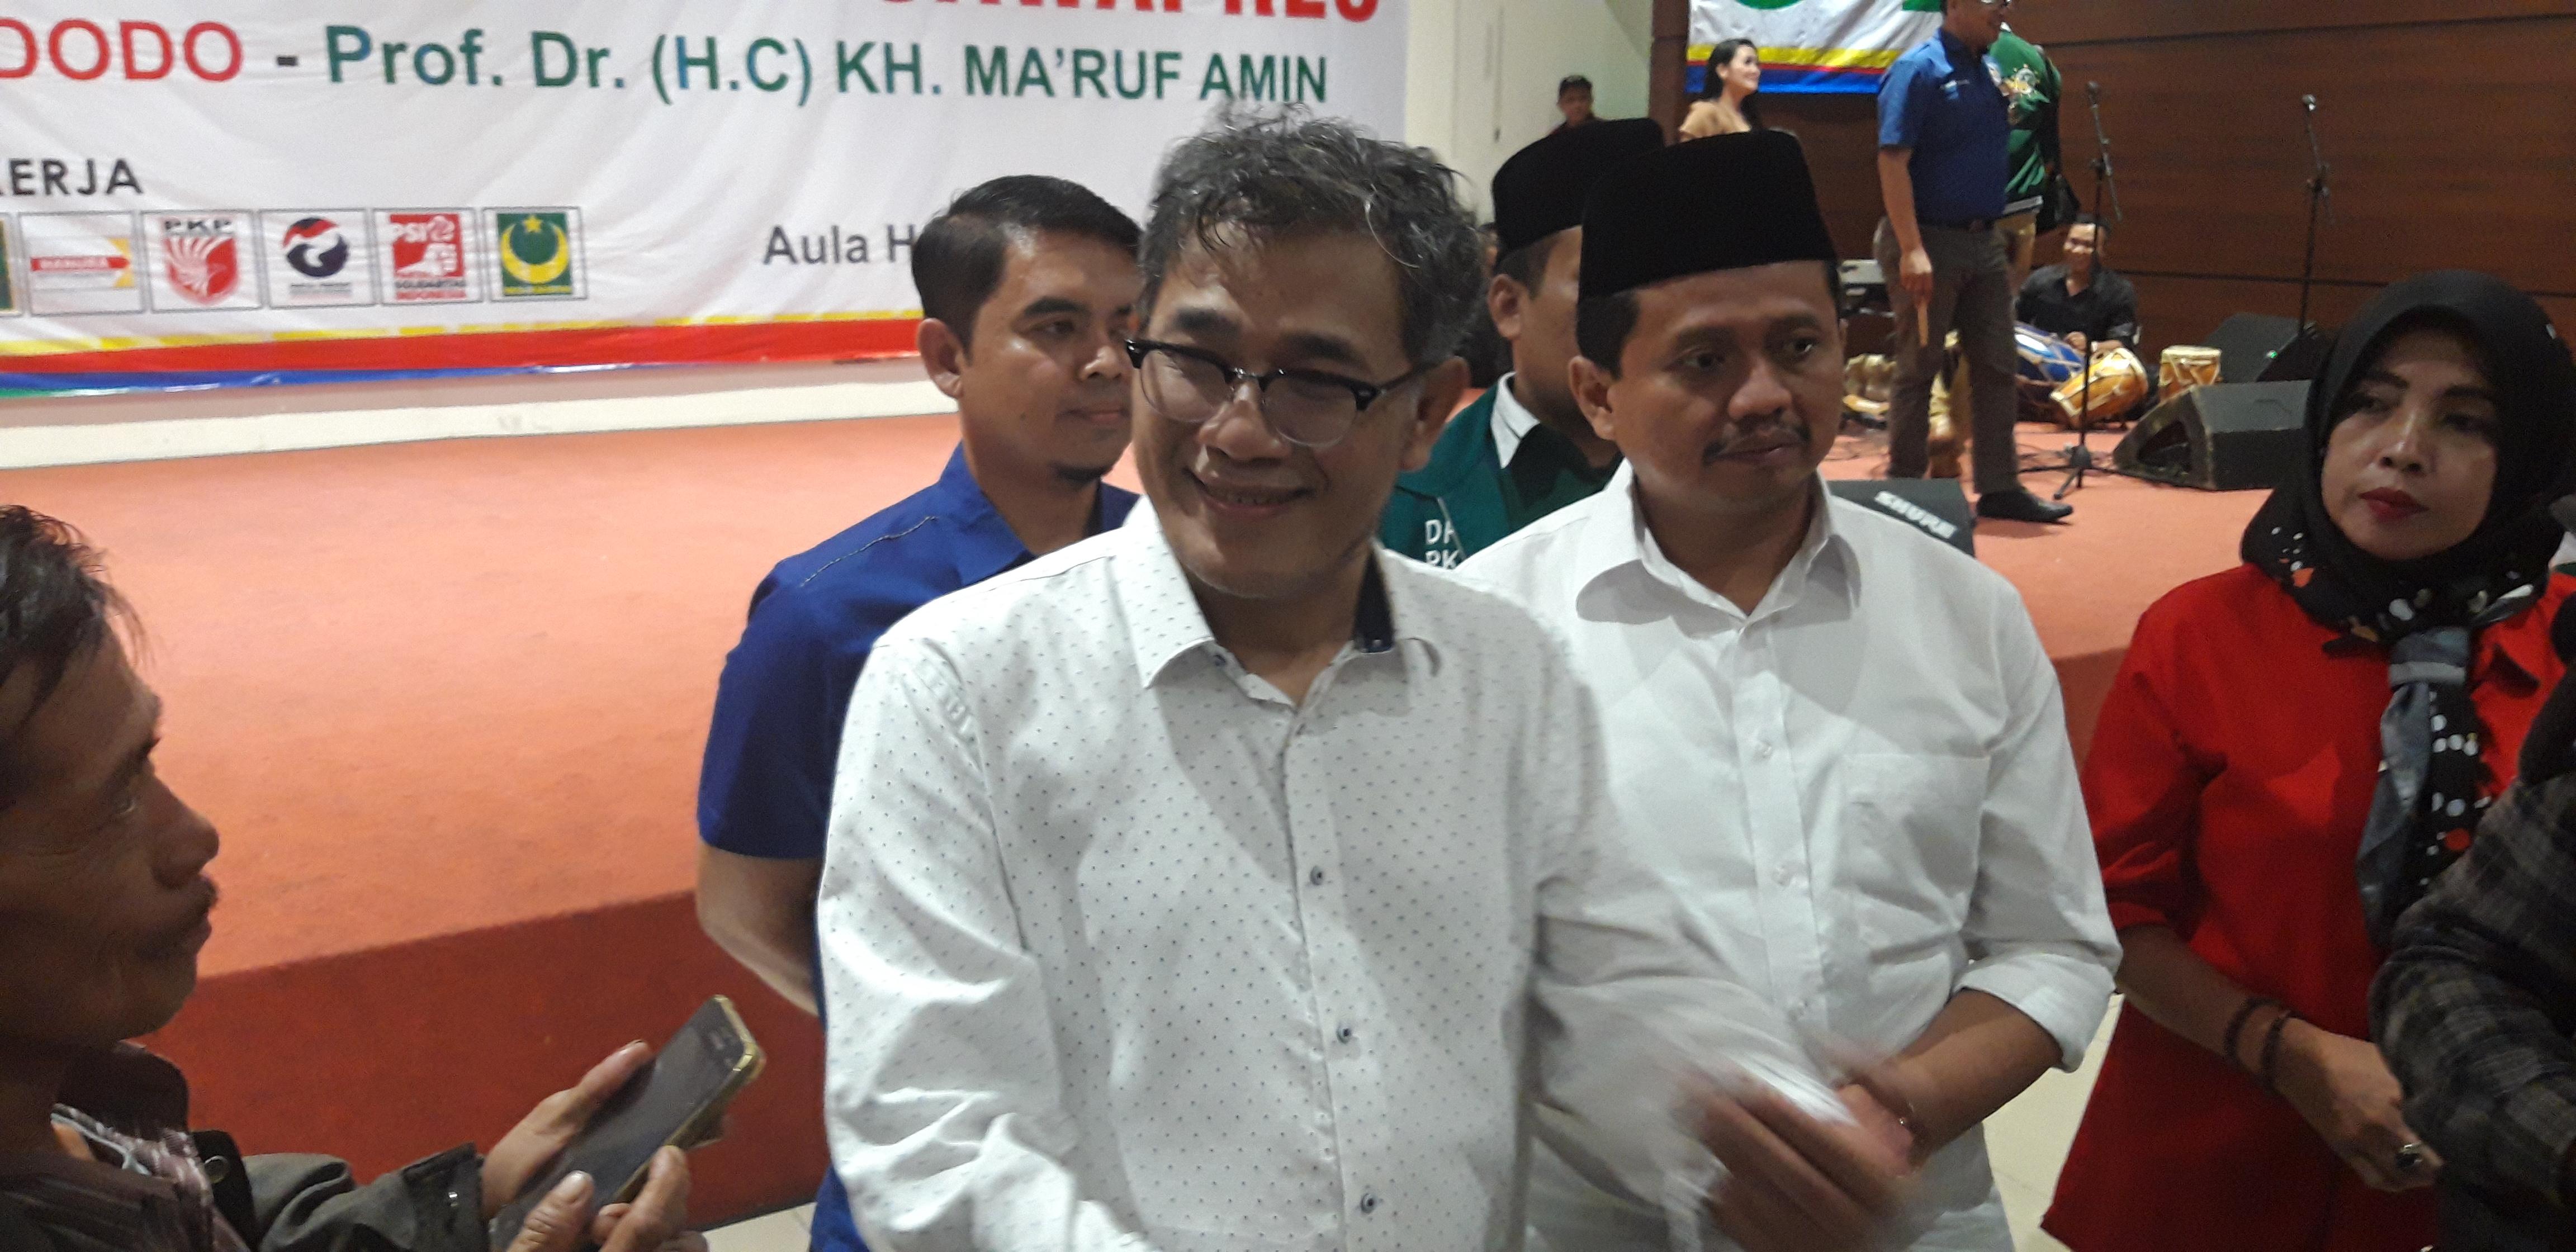 JUBIR Tim Kampanye Daerah Jokowi-Amin. sobar/ruang berita